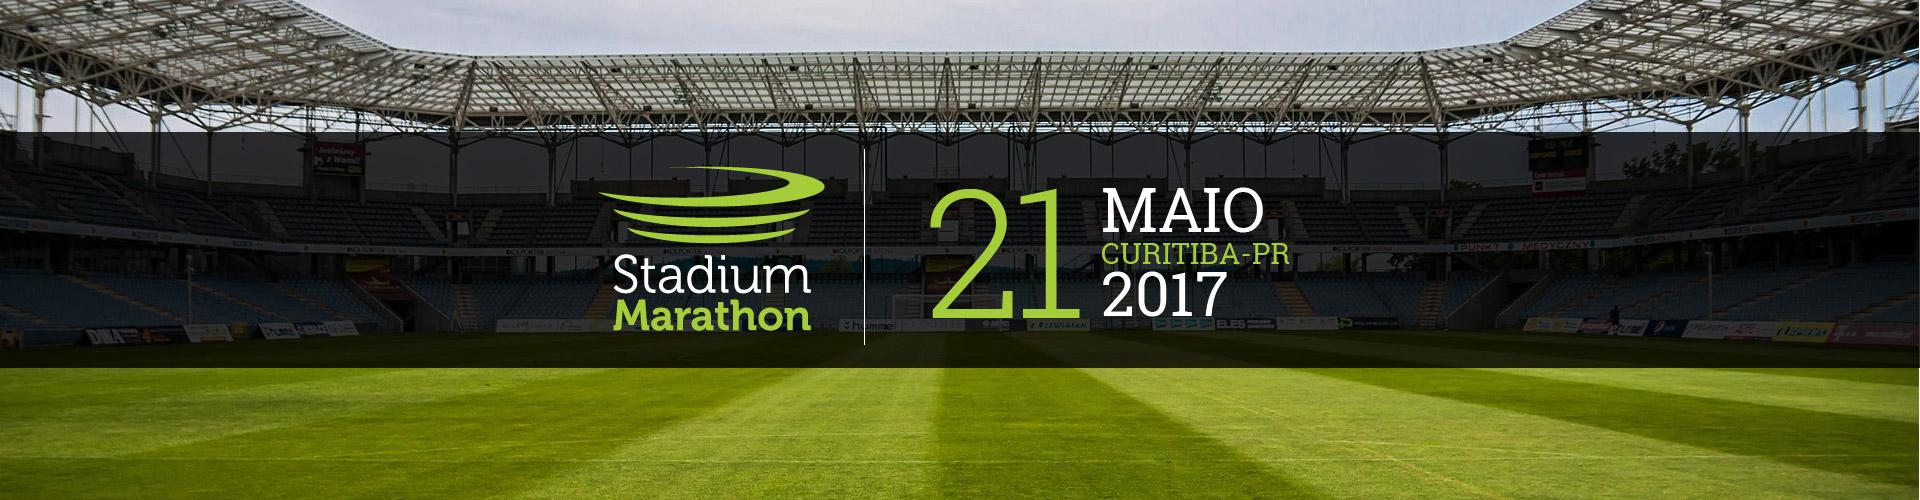 CORRIDA I-RUN - STADIUM MARATHON 2017 - Imagem de topo